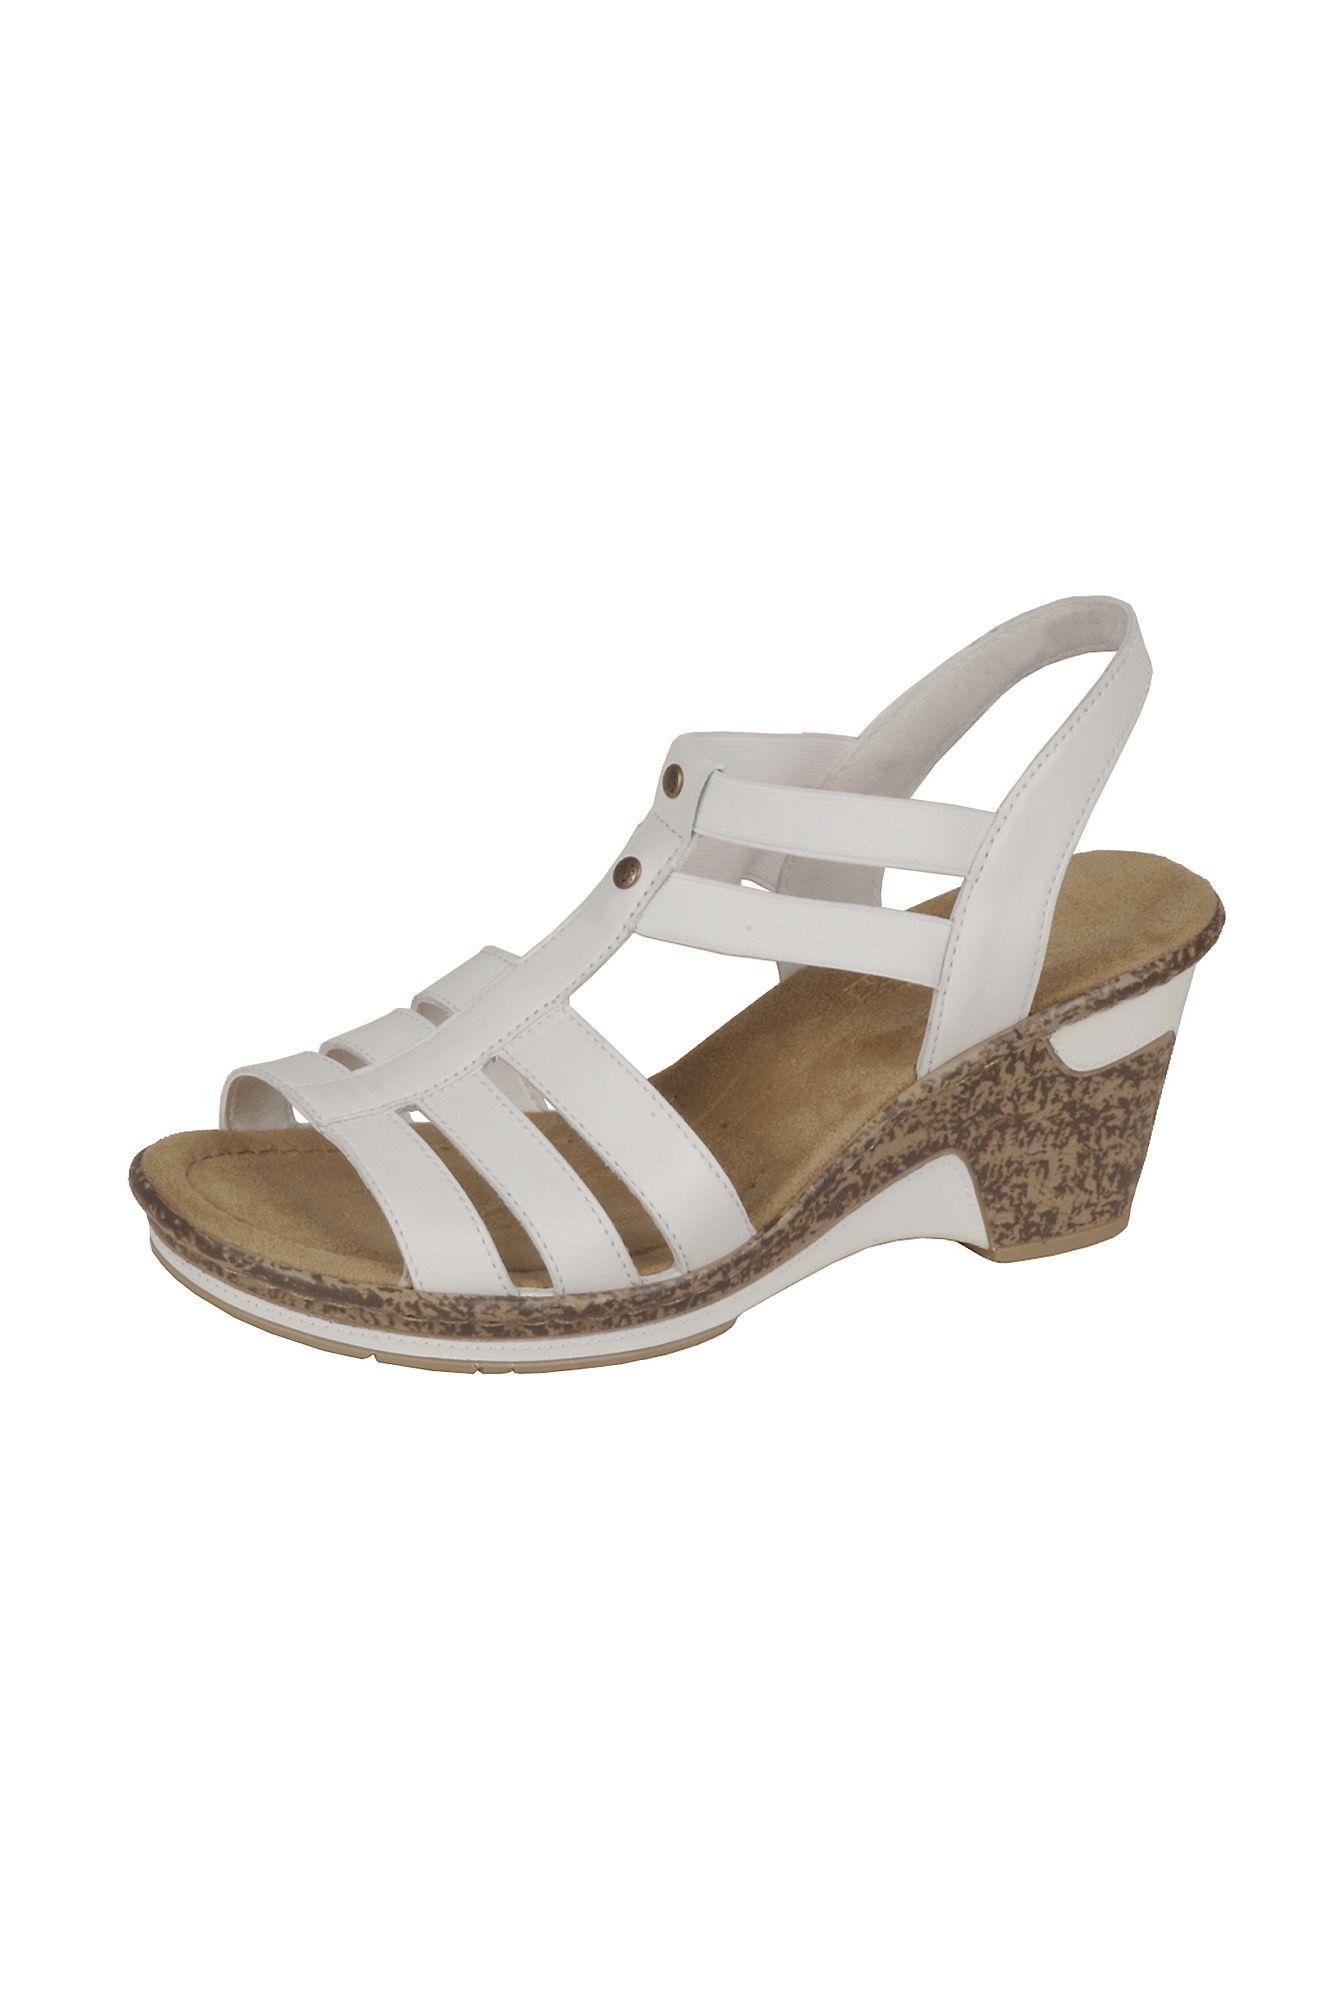 snygga sandaletter med klack